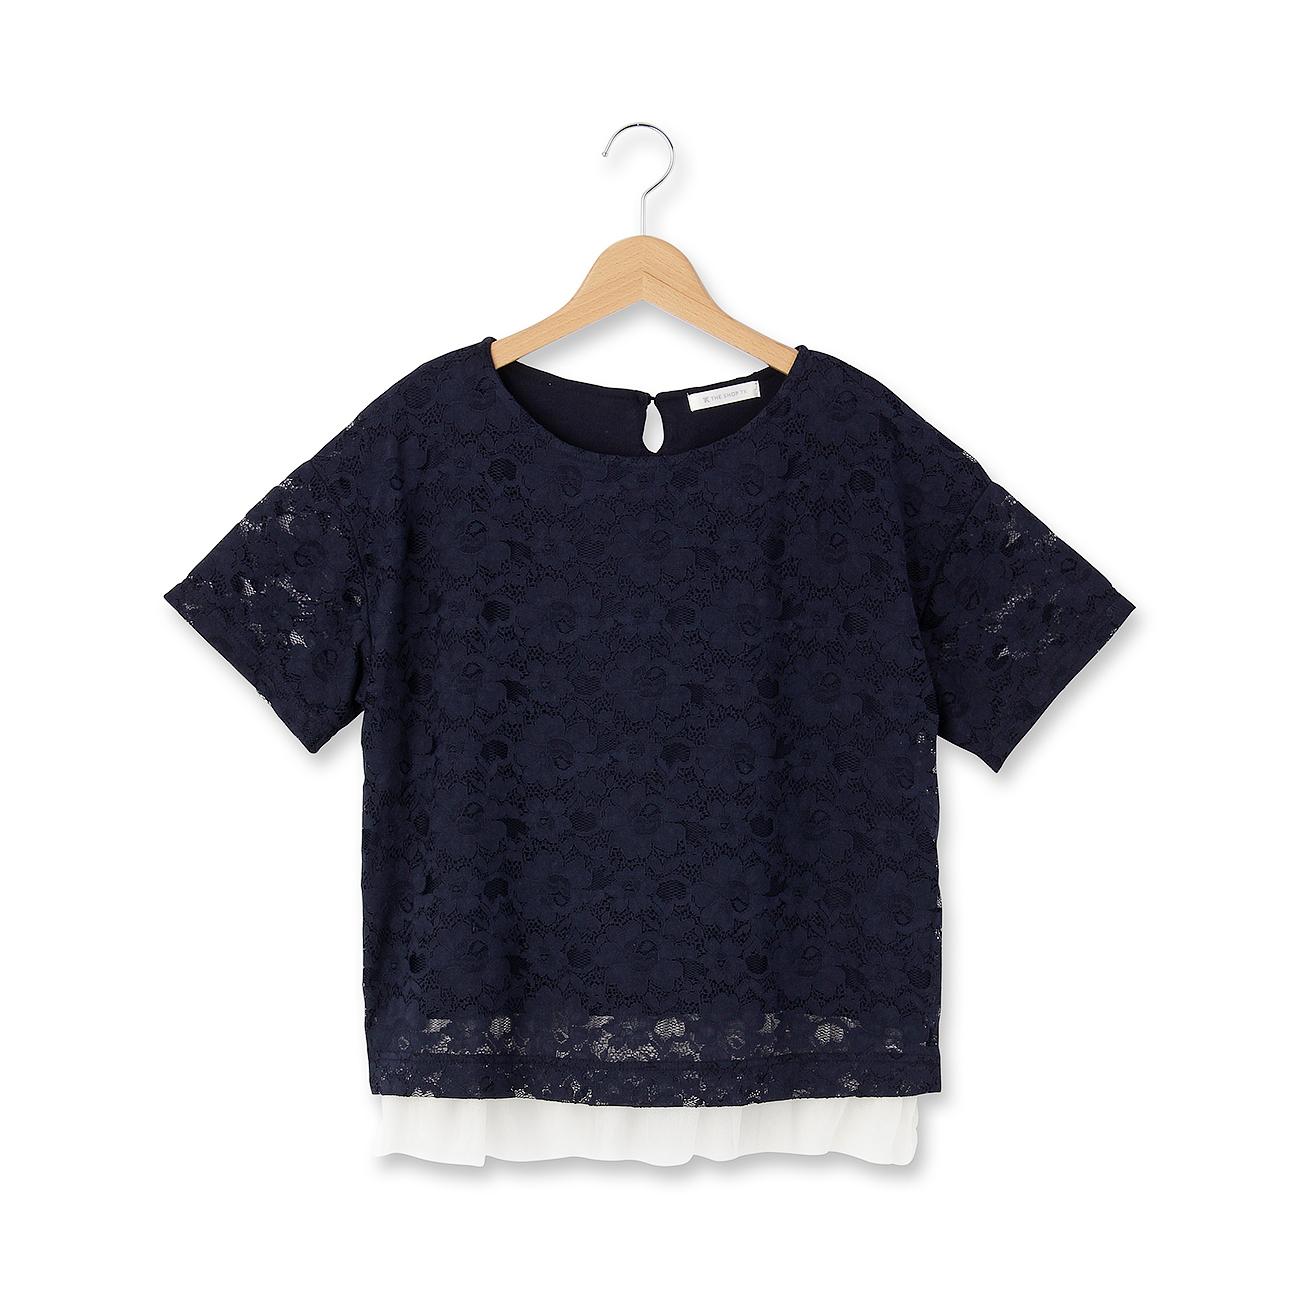 【THE SHOP TK(Ladies) (ザ ショップ ティーケー(レディース))】レイヤード風レースカットソーレディース トップス カットソー・Tシャツ ネイビー